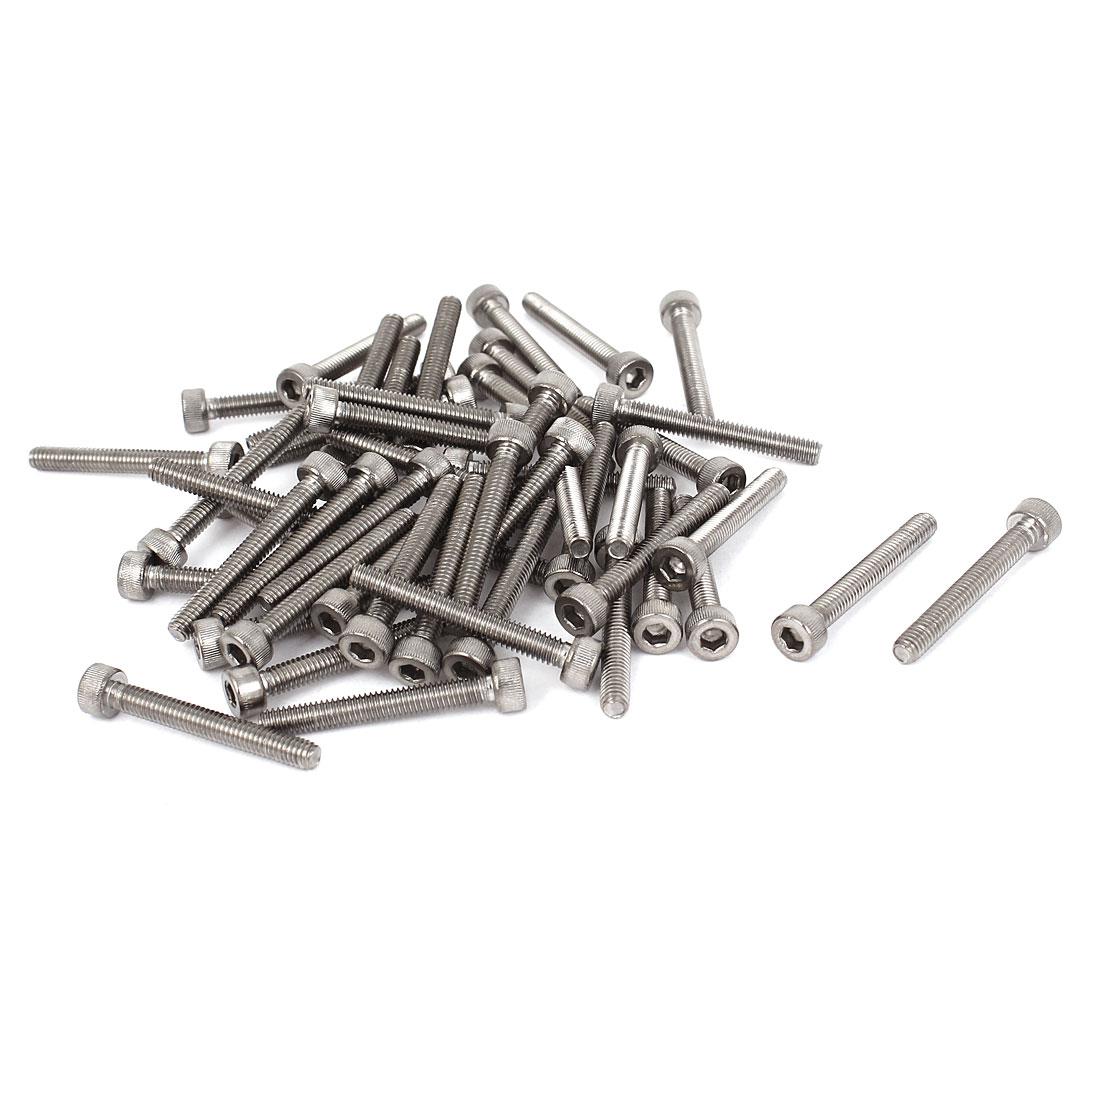 50 Pcs M4x30mm Stainless Steel Socket Head Cap Keys Machine Screws Bolts